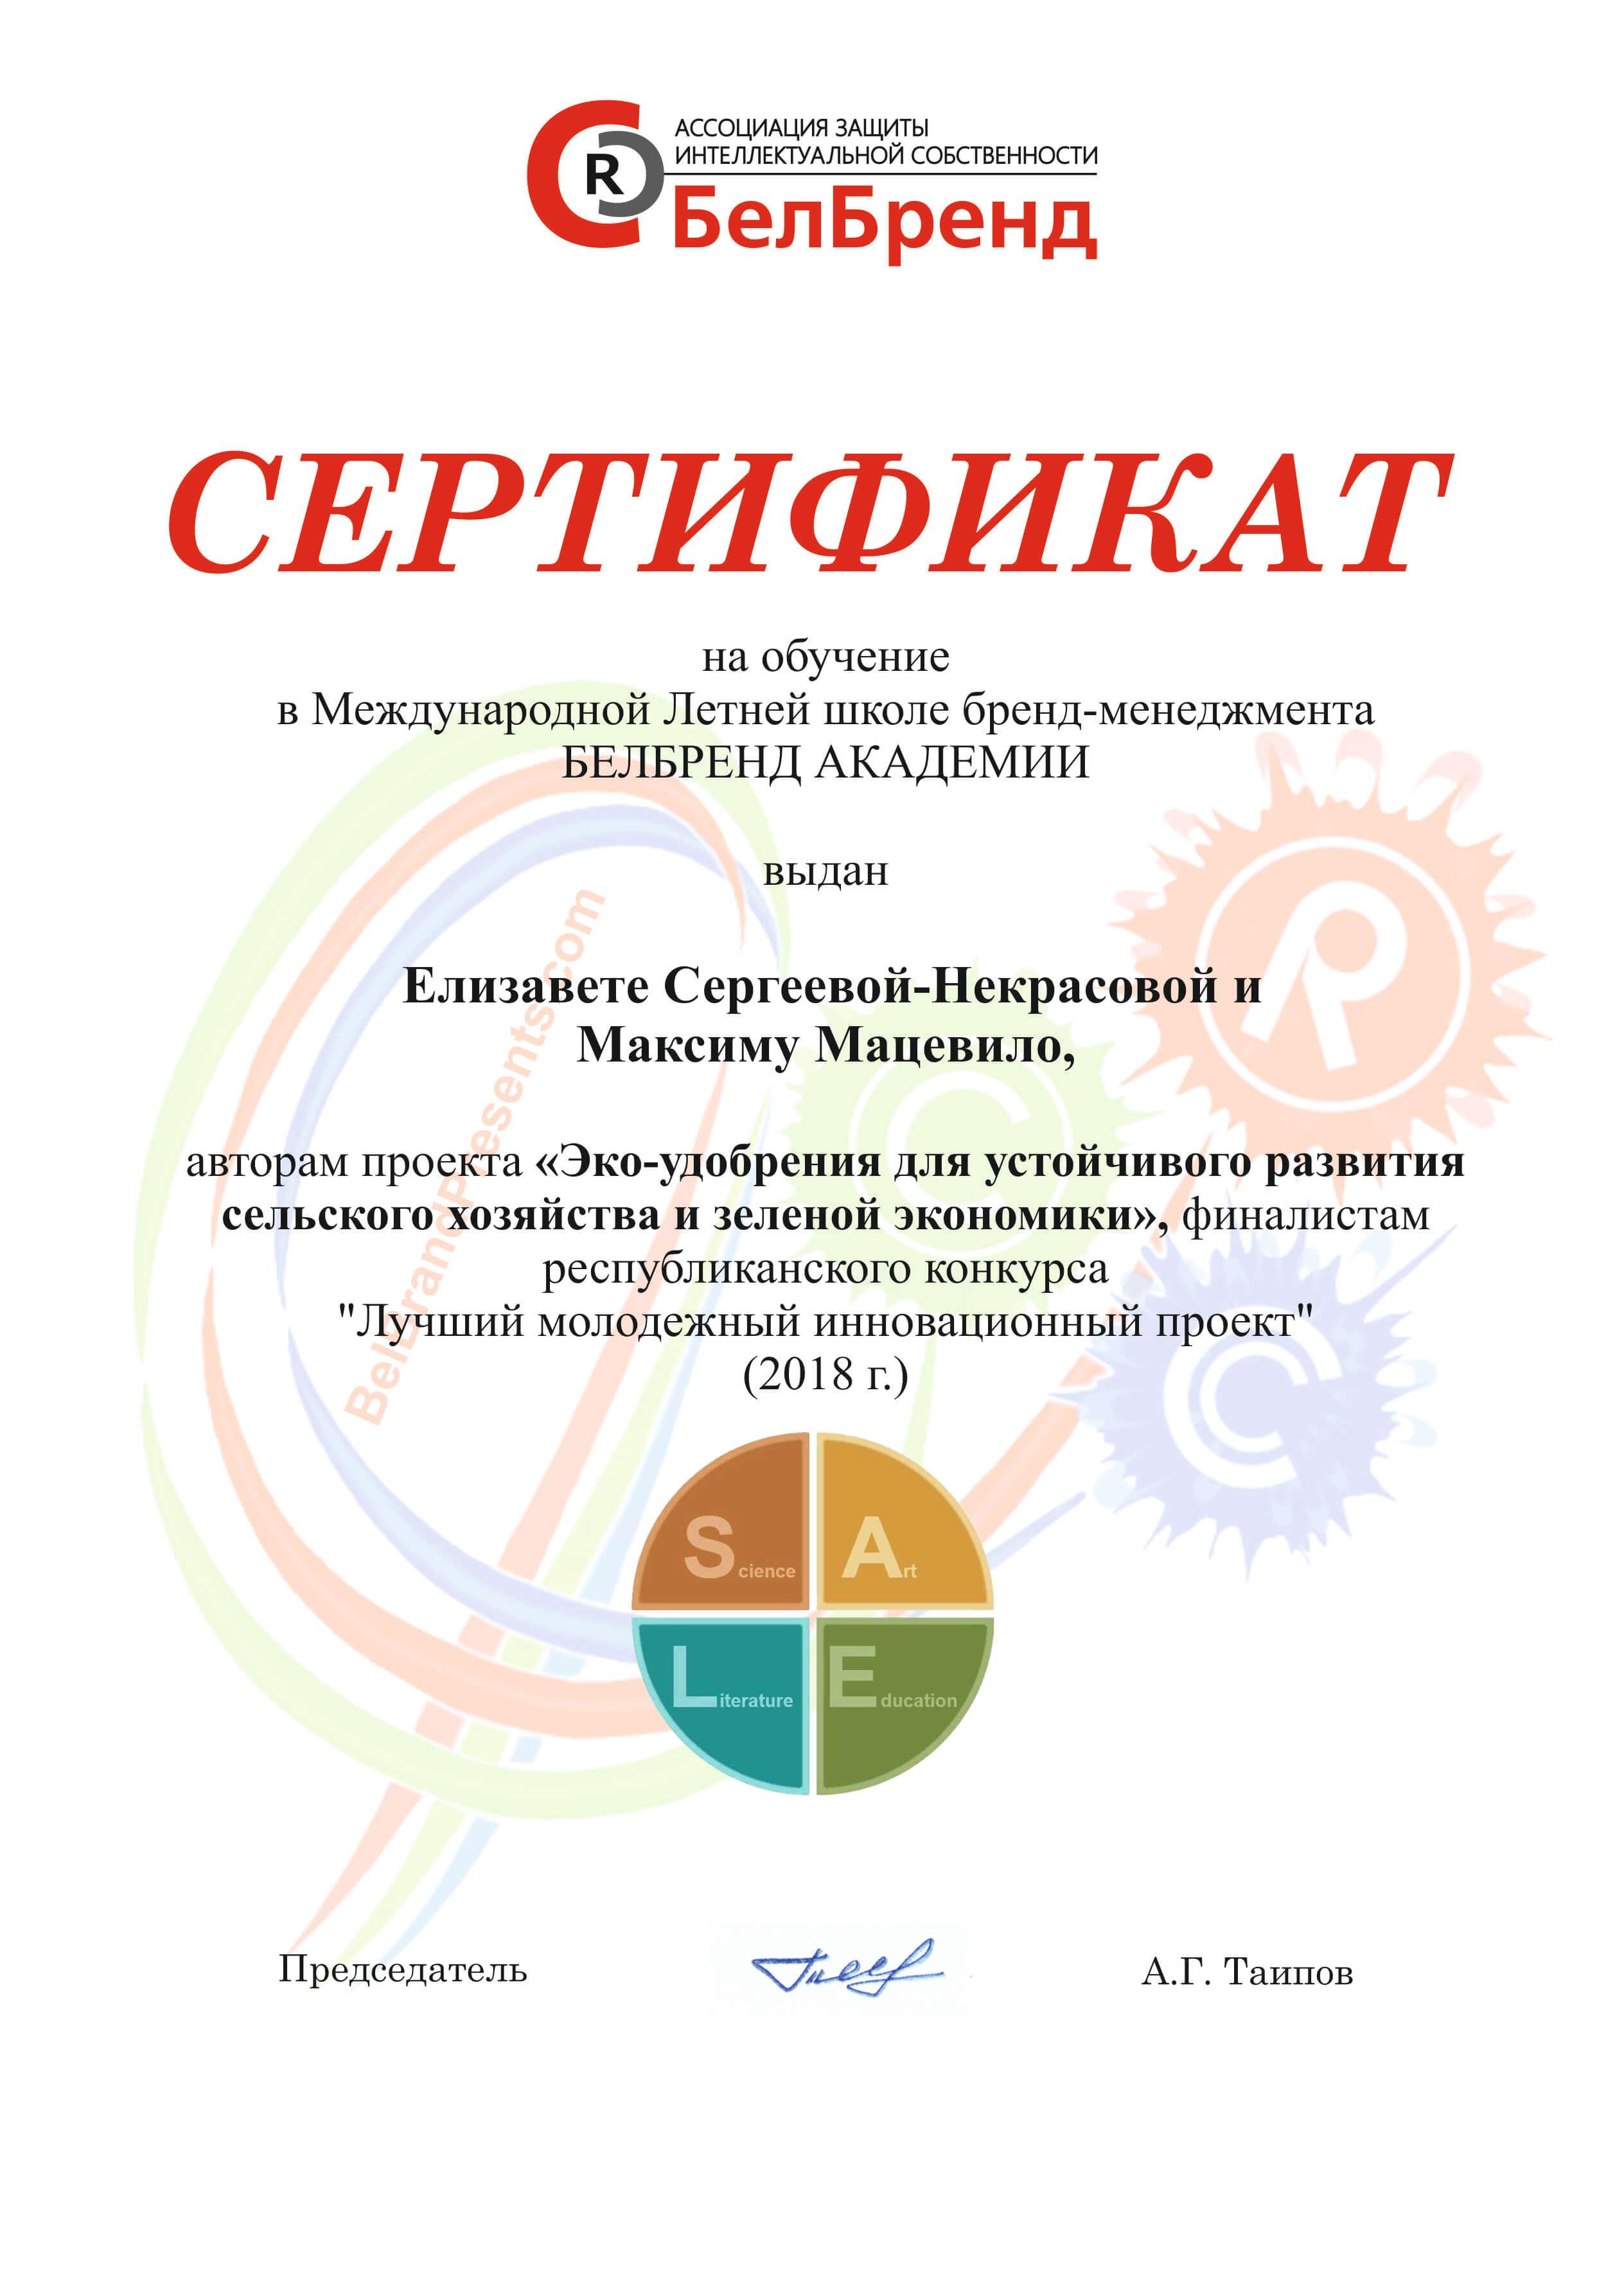 «Эко-удобрения для устойчивого развития сельского хозяйства и зеленой экономики».